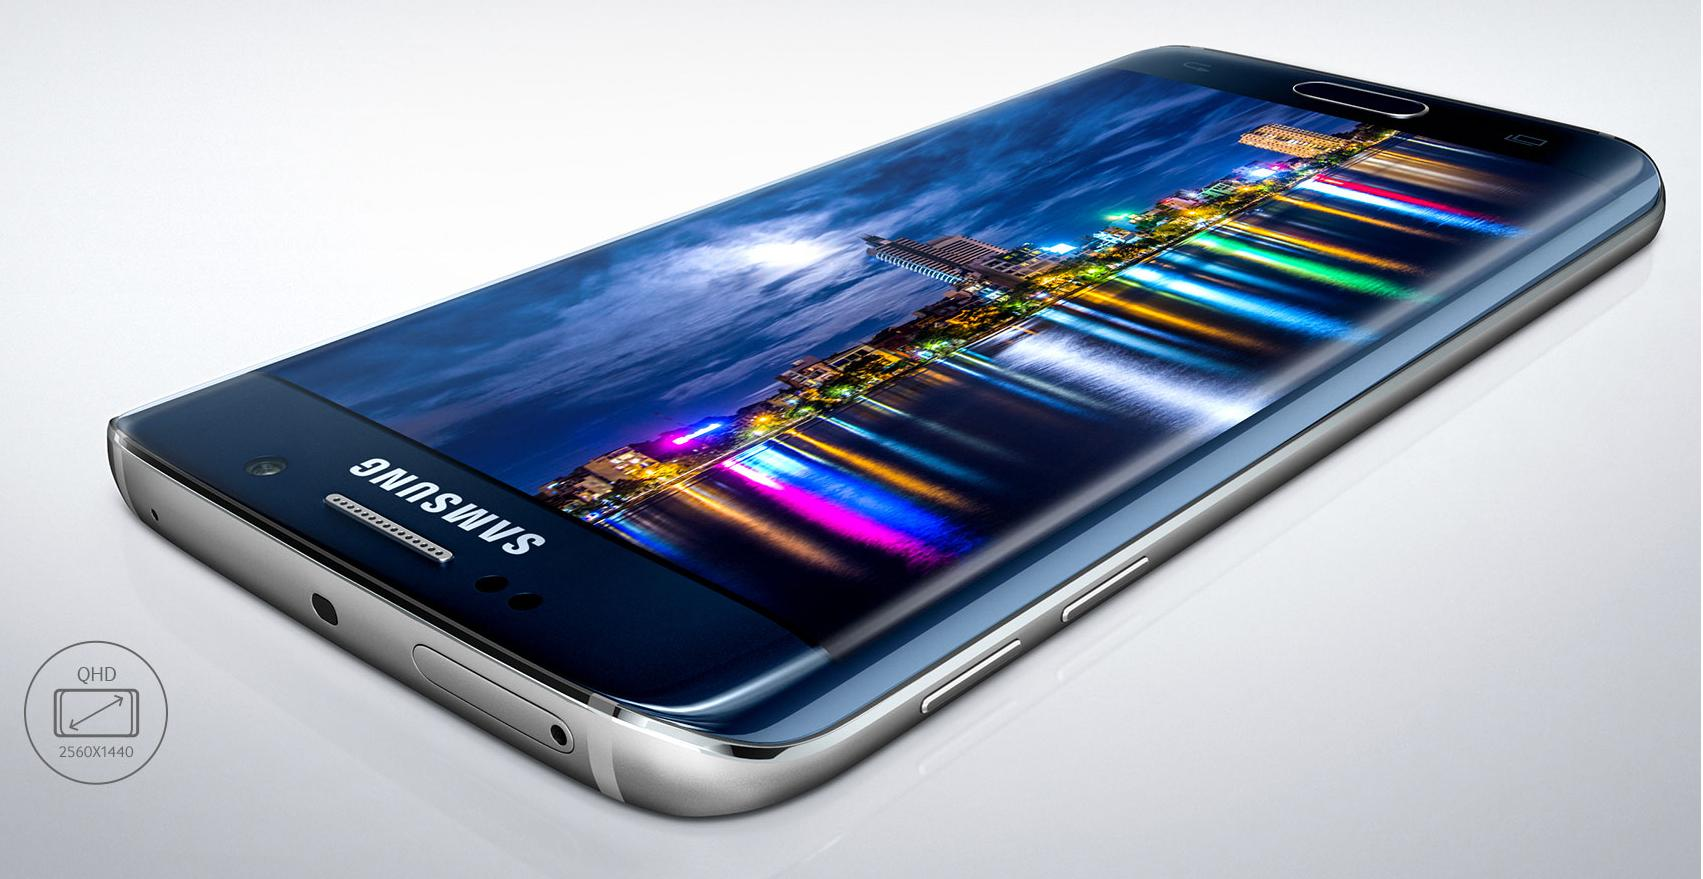 GalaxyS6-edge